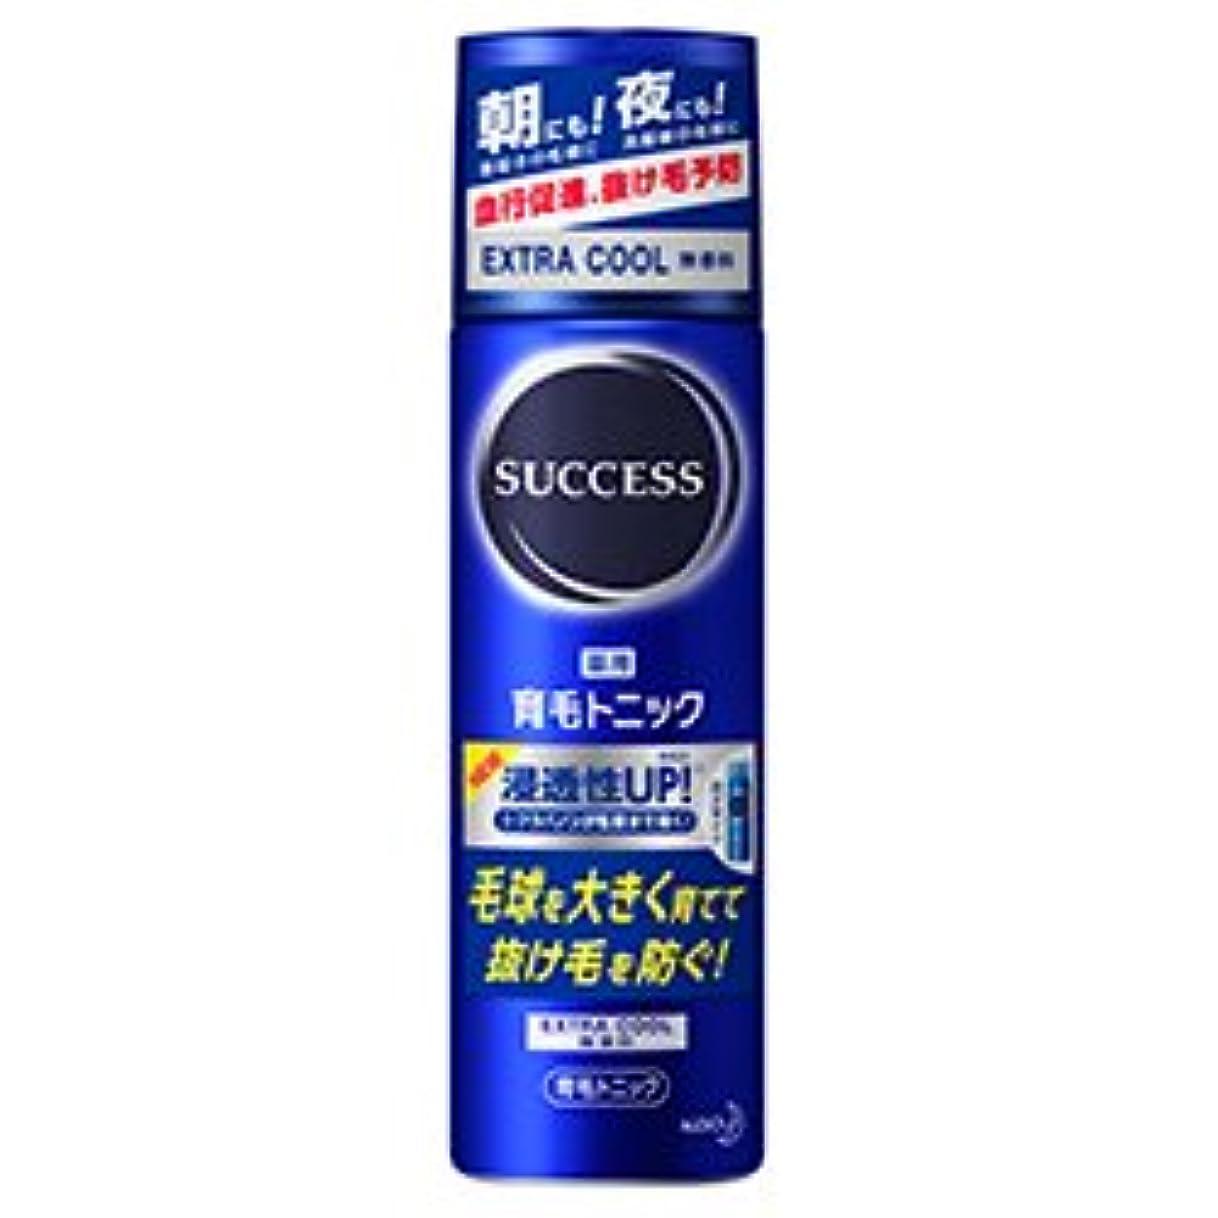 好意的嵐想定する【花王】サクセス 薬用育毛トニック エクストラクール 無香料 180g ×5個セット